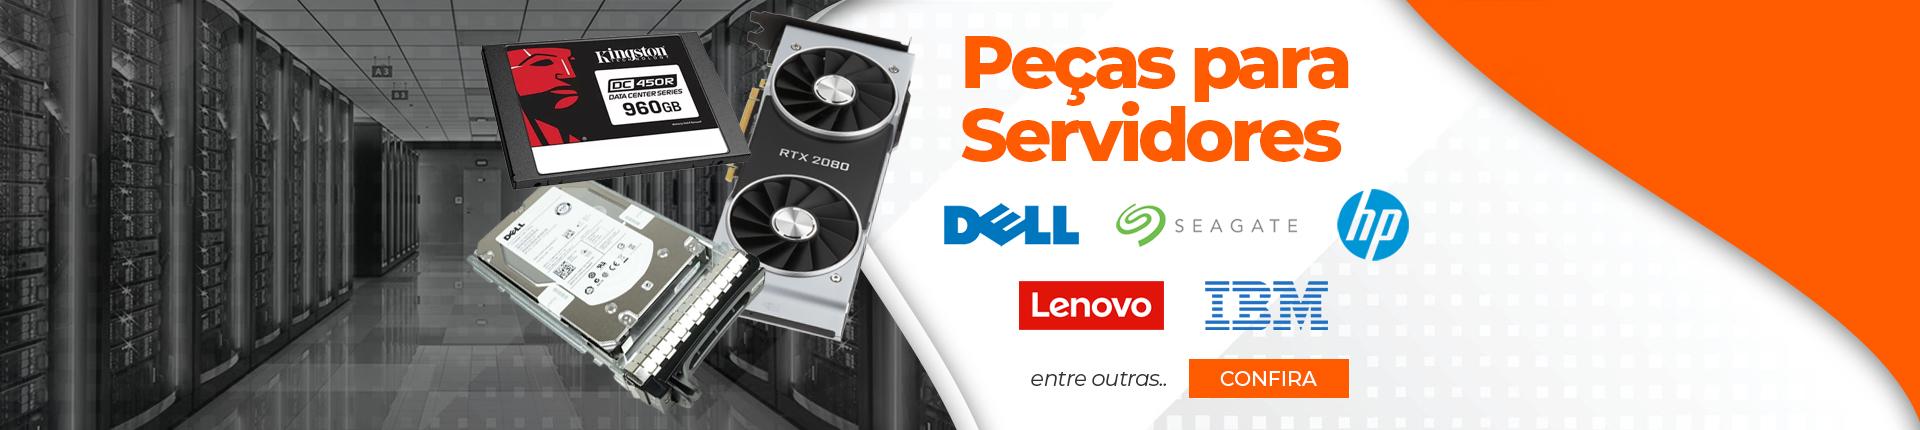 LDE - Peças para servidores